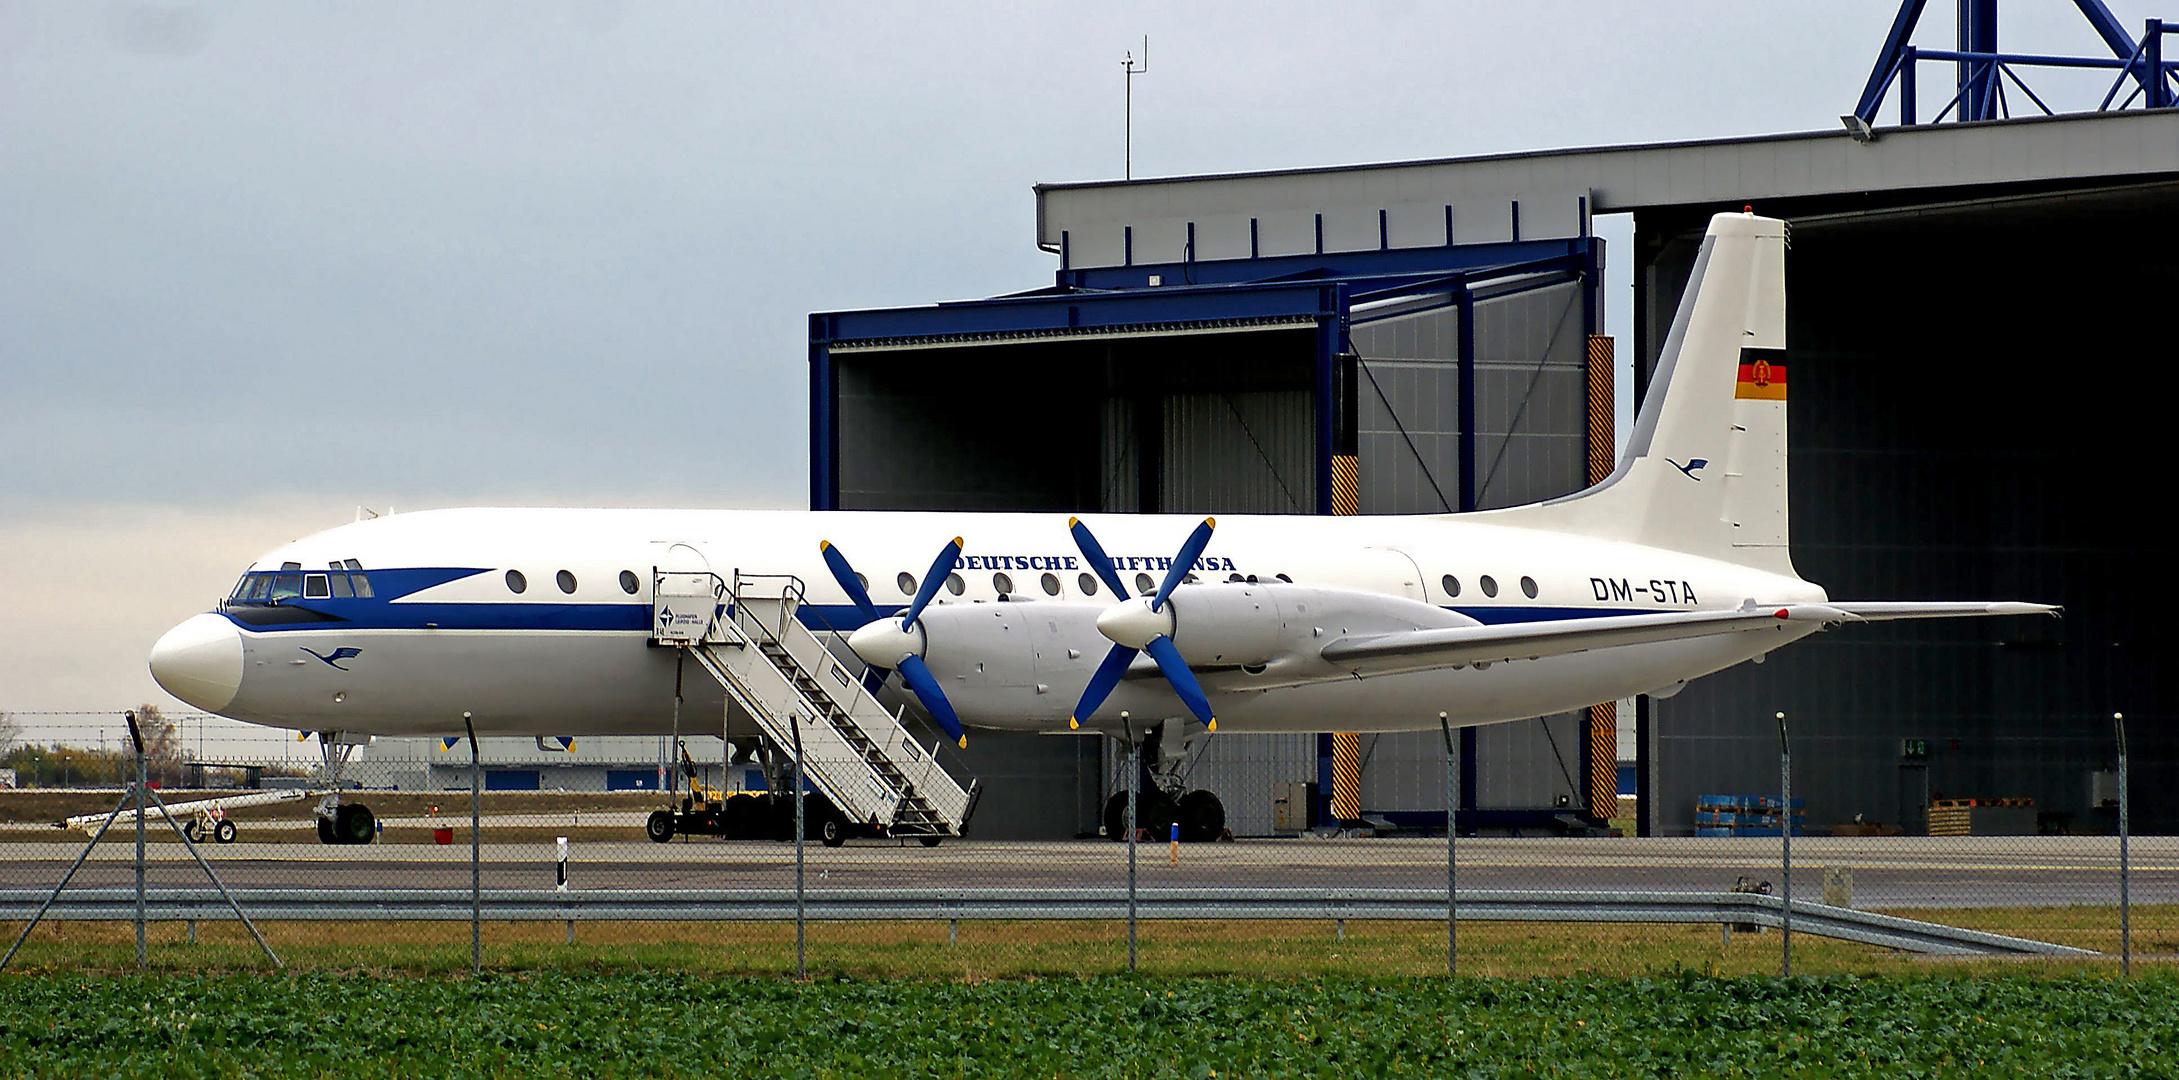 Iljuschin IL-18 / DM-STA